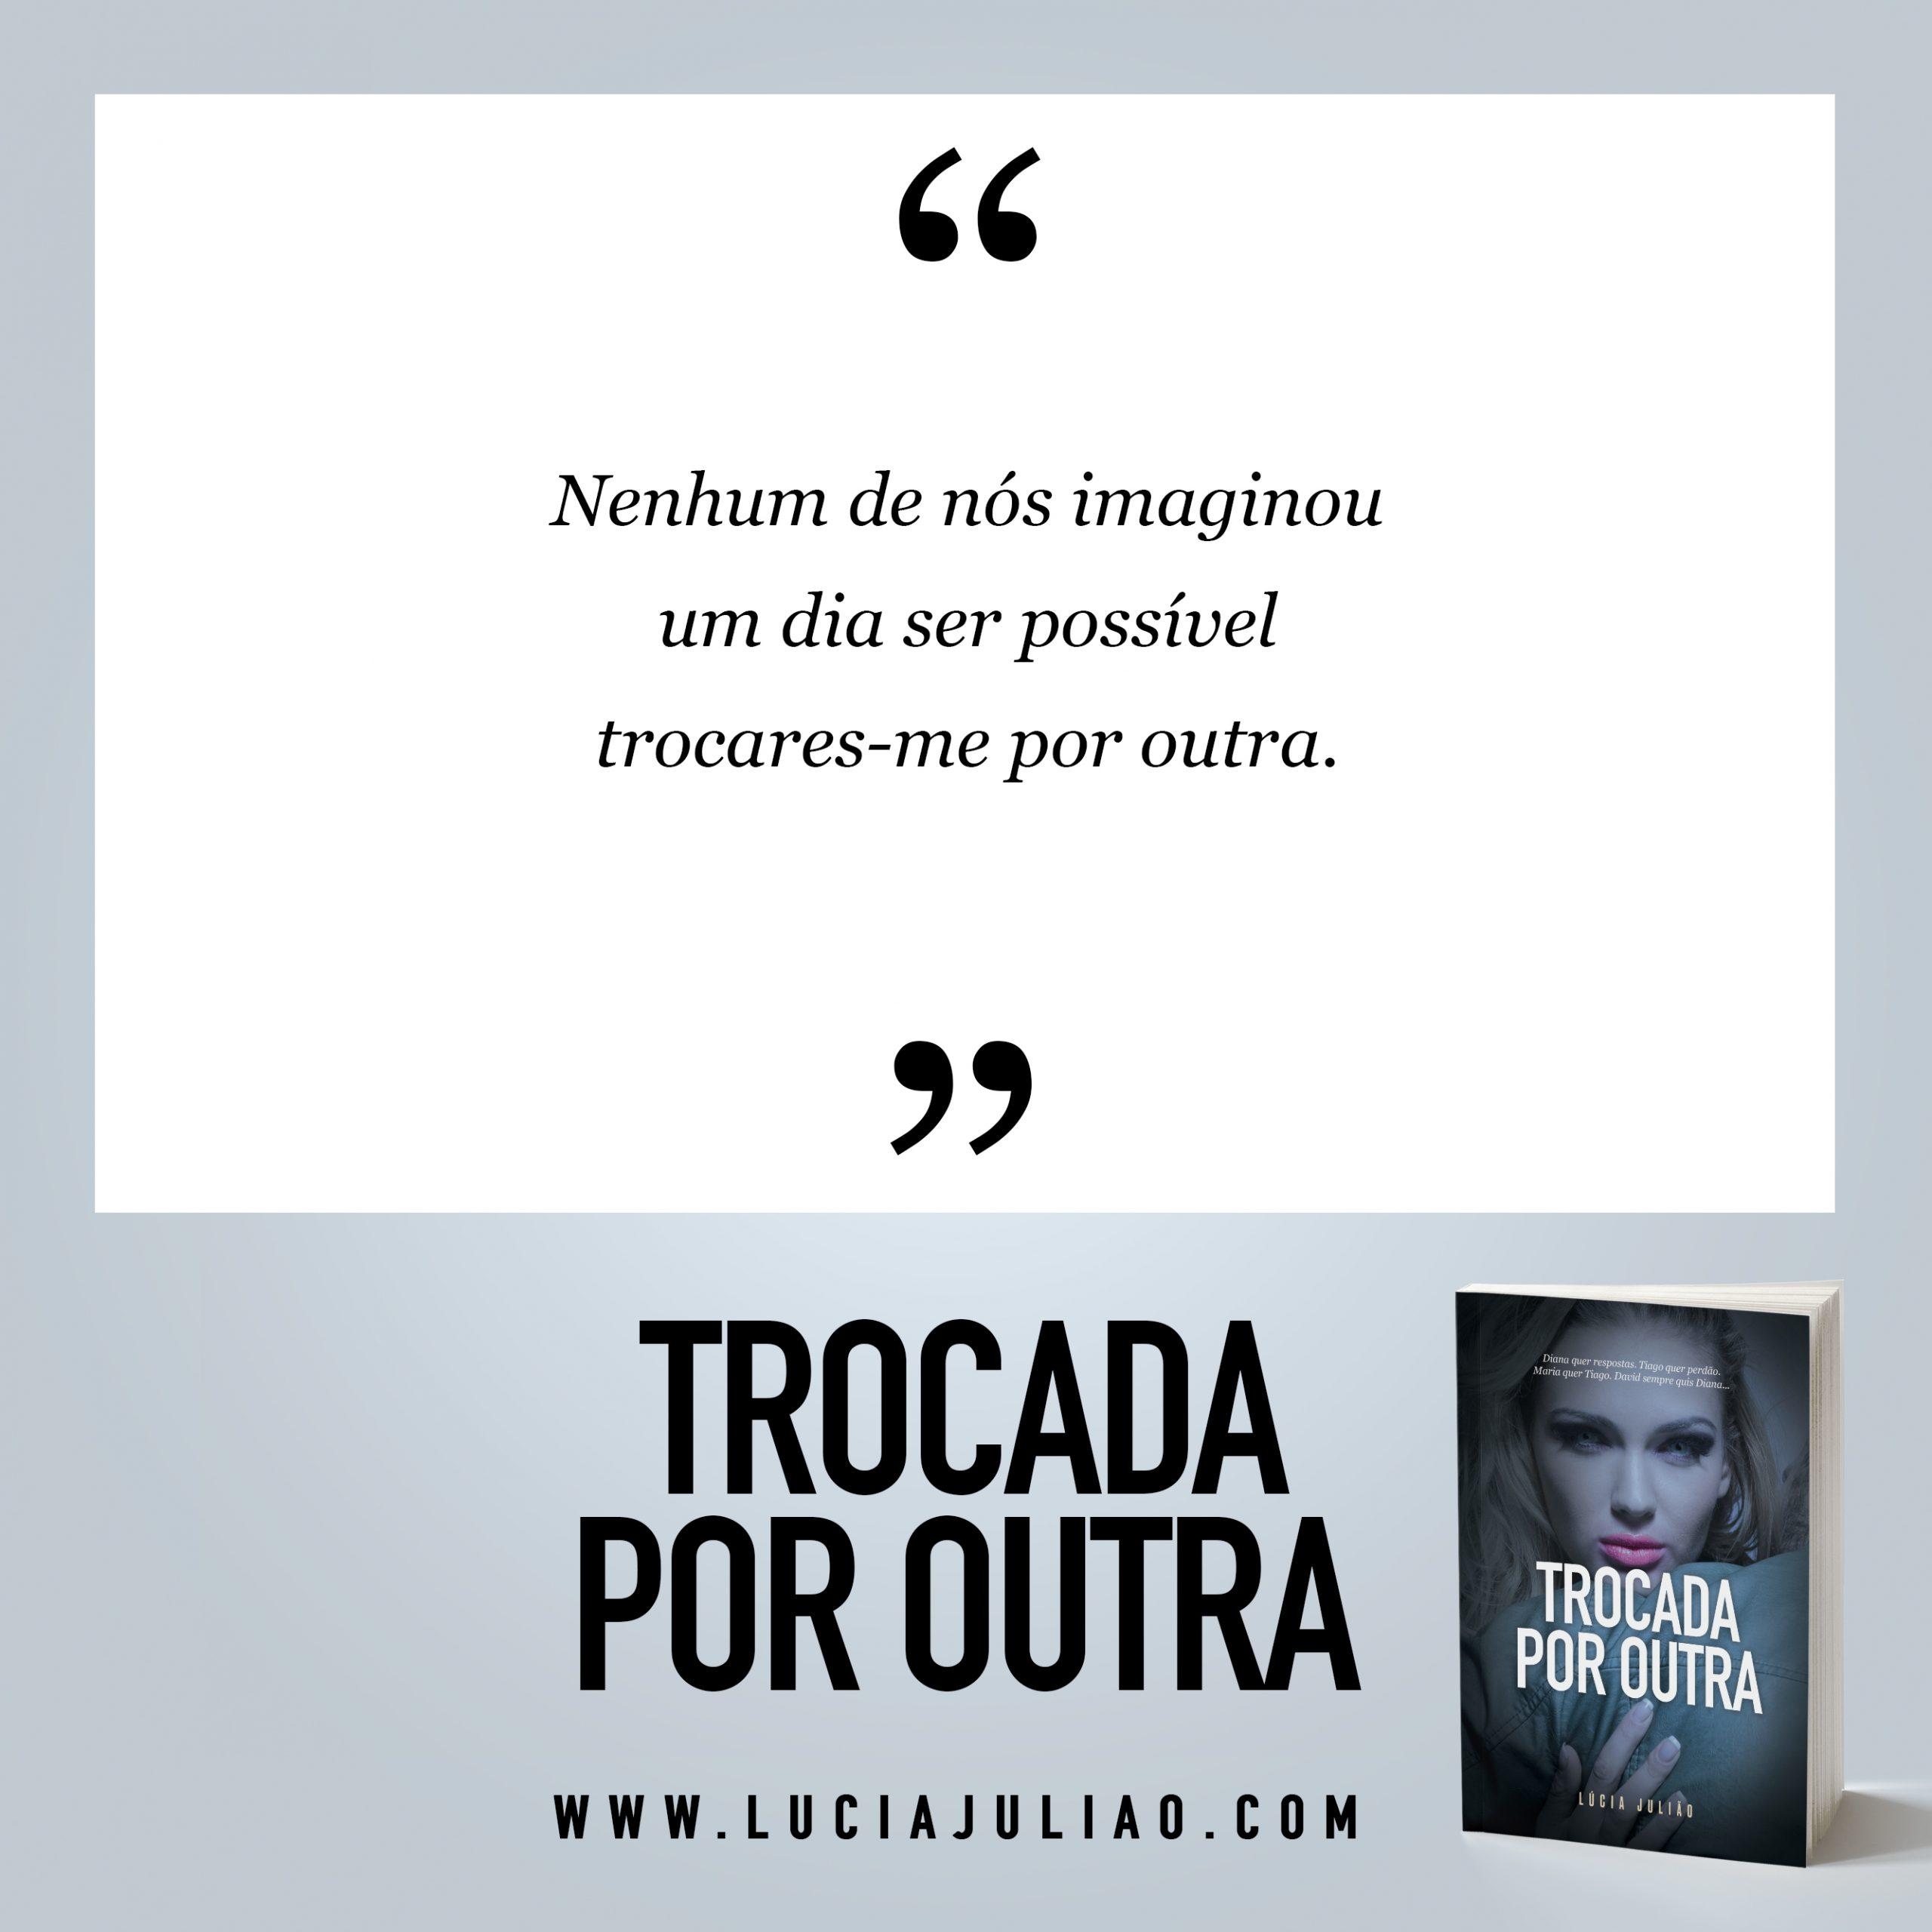 027Q - capitulo 8 Trocada por outra - Lúcia Julião